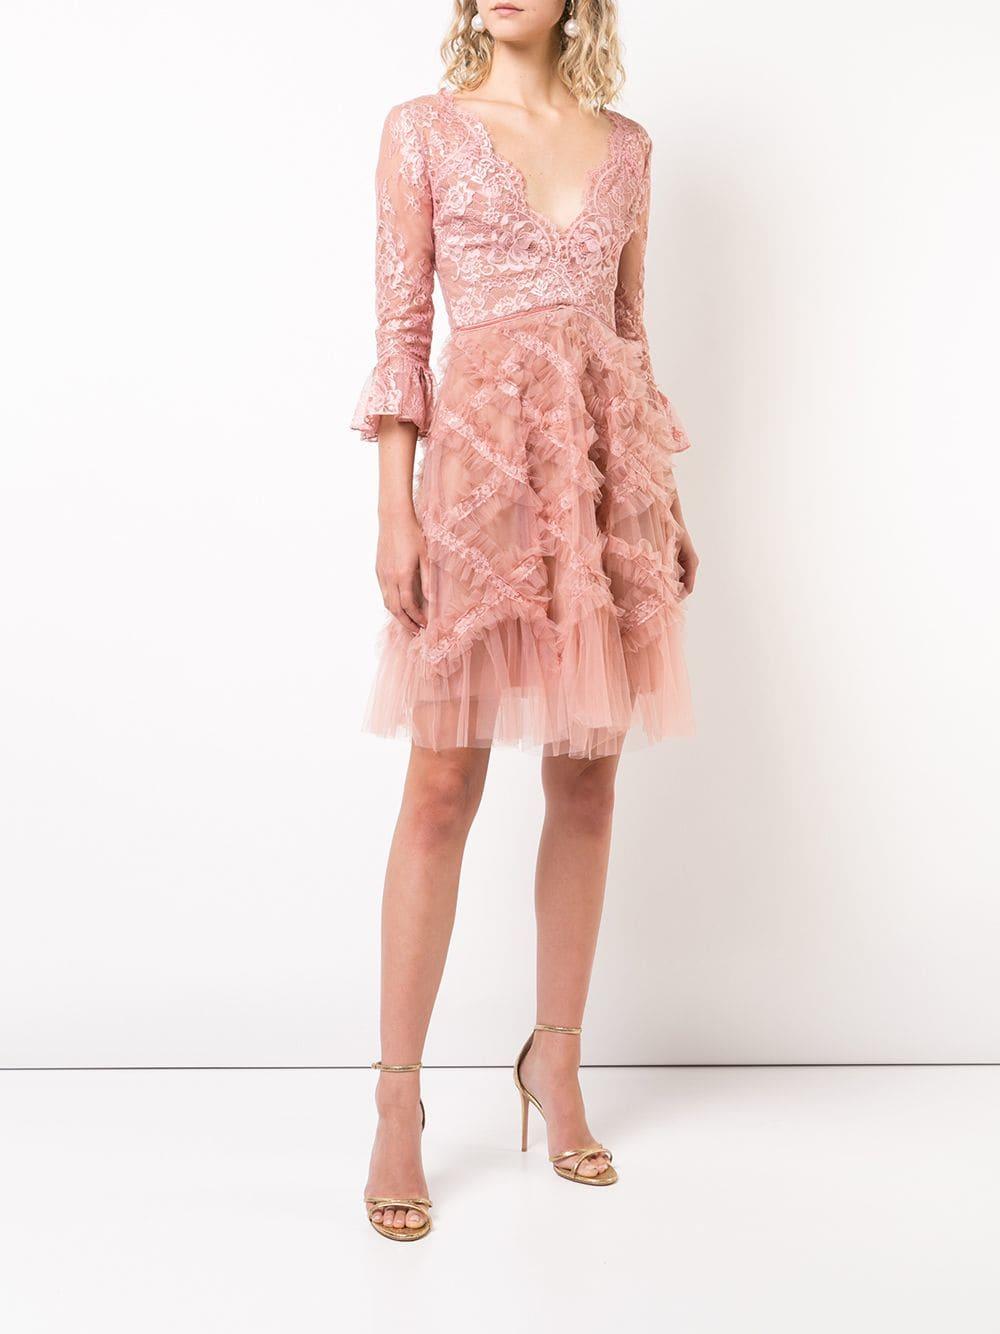 Marchesa Notte Tulle Embellished Pink Dress